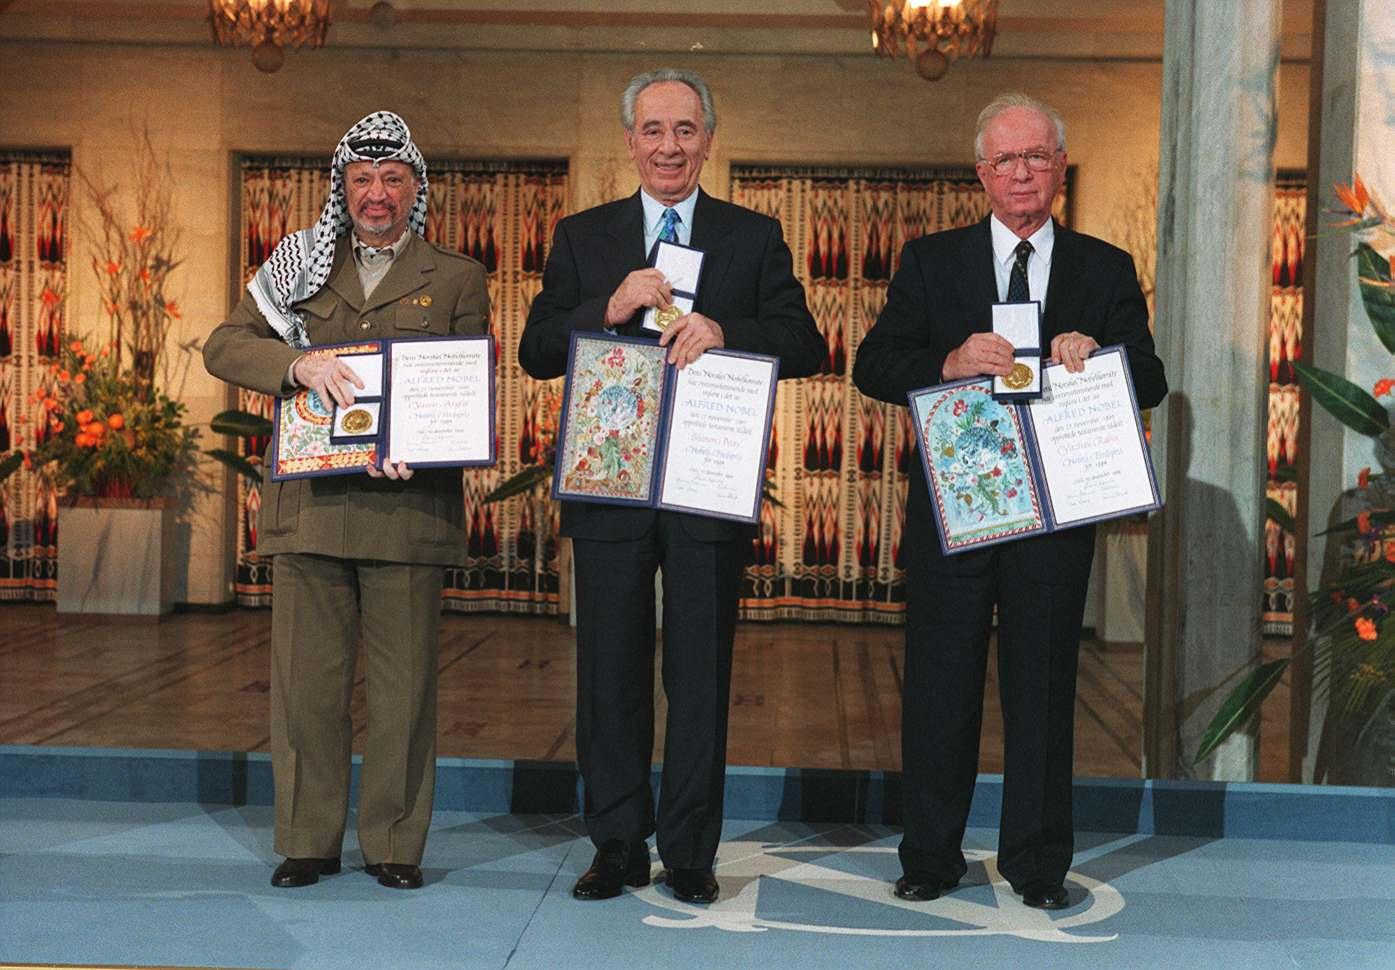 ARAFAT ER DØD OSLO 19941210. NOBELS FREDSPRIS 1994. Nobels fredspris for 1994 er delt mellom Yasir Arafat, Shimon Peres og Yitzhak Rabin . Her prisvinnerne sammen med medalje og diplom i Oslo Rådhus. Arkivfoto: Lise Åserud / SCANPIX